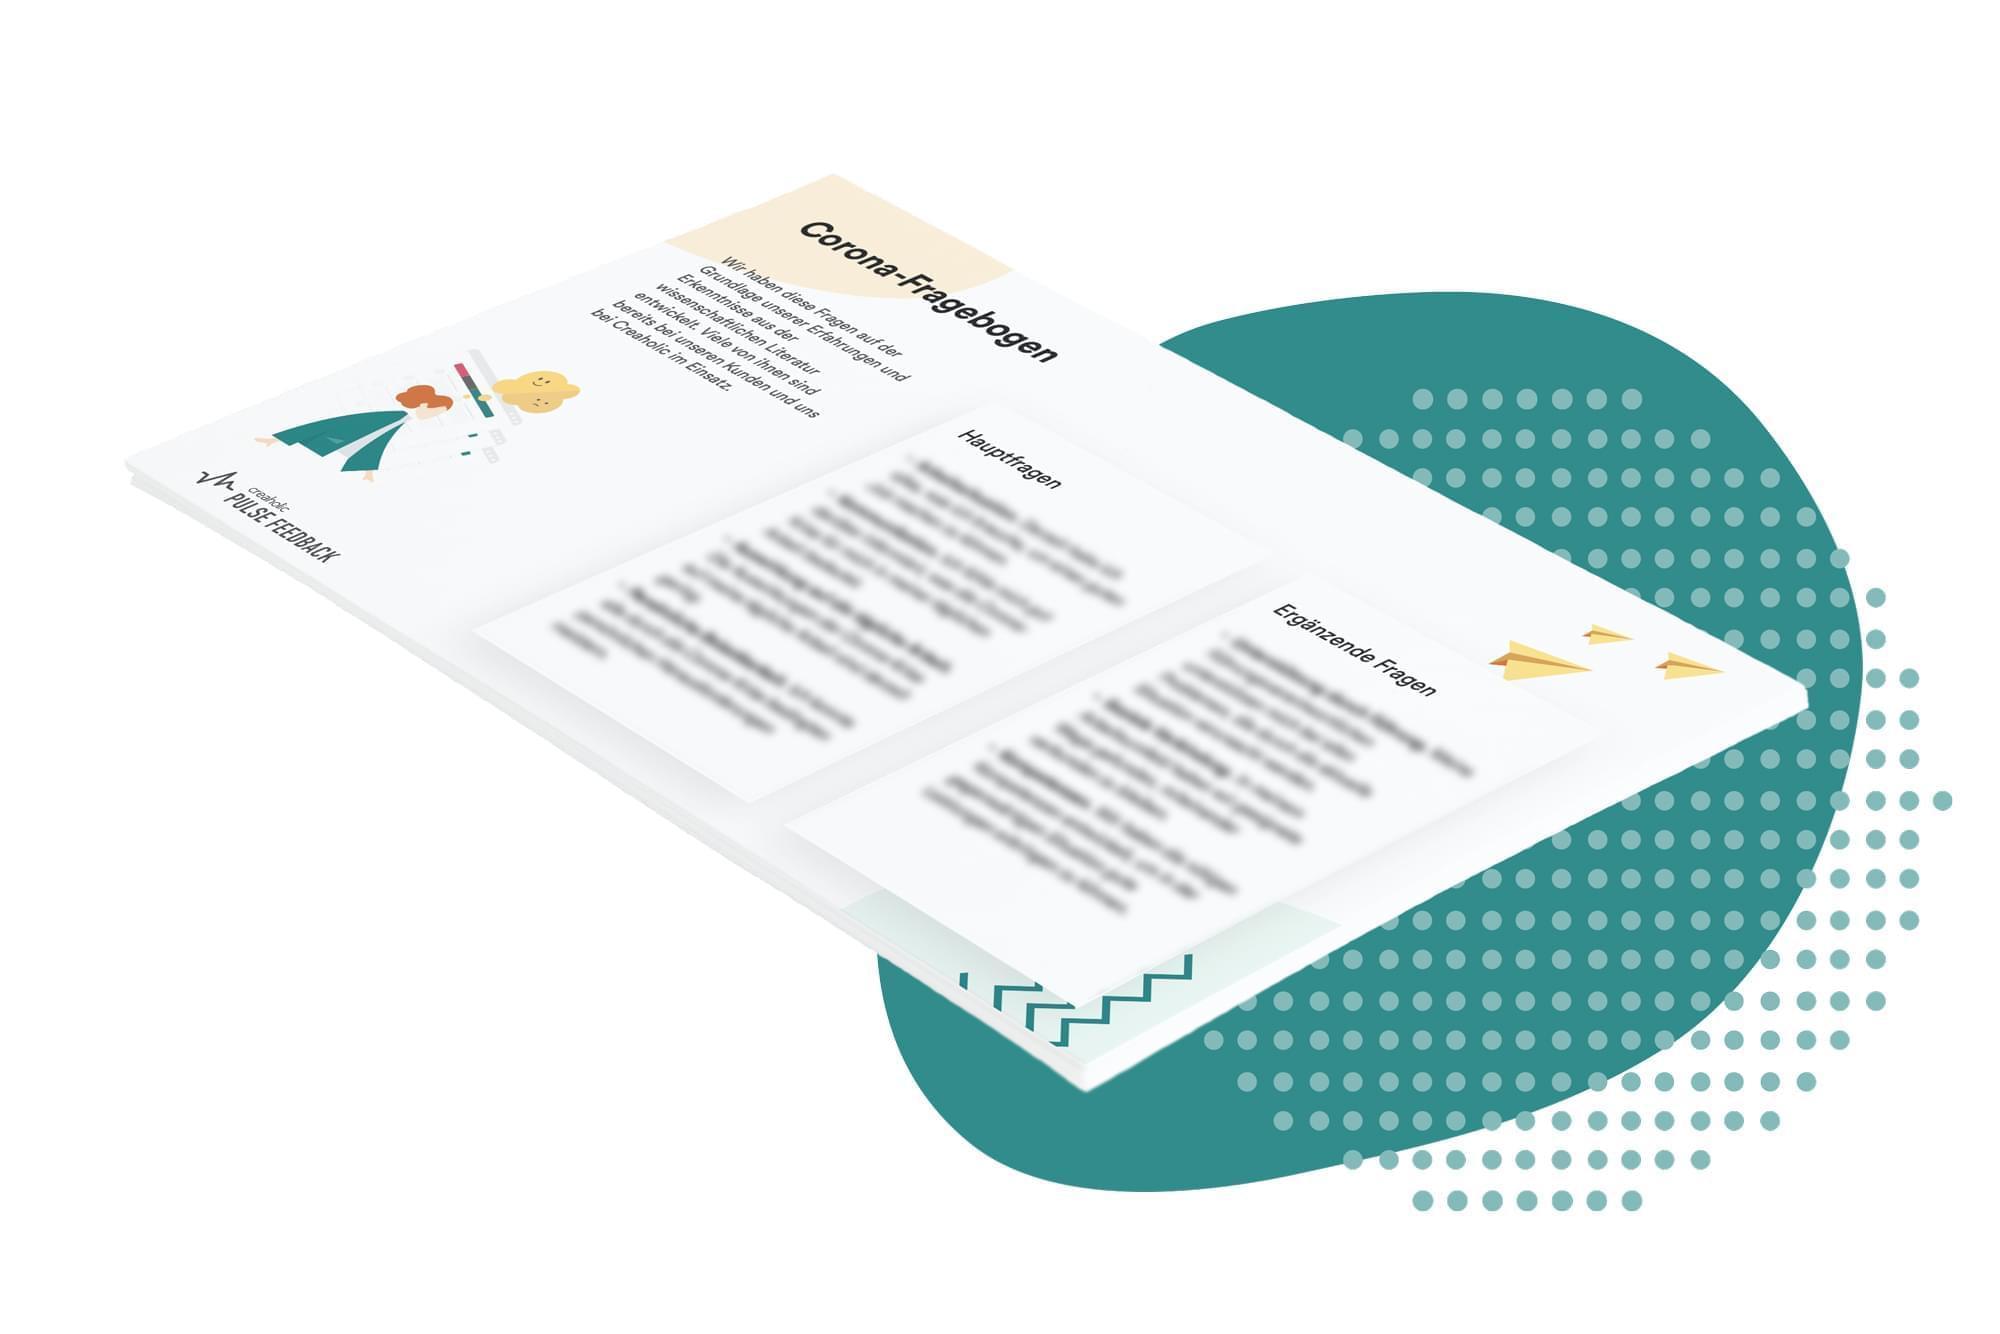 Vorschau des Corona Fragebogens